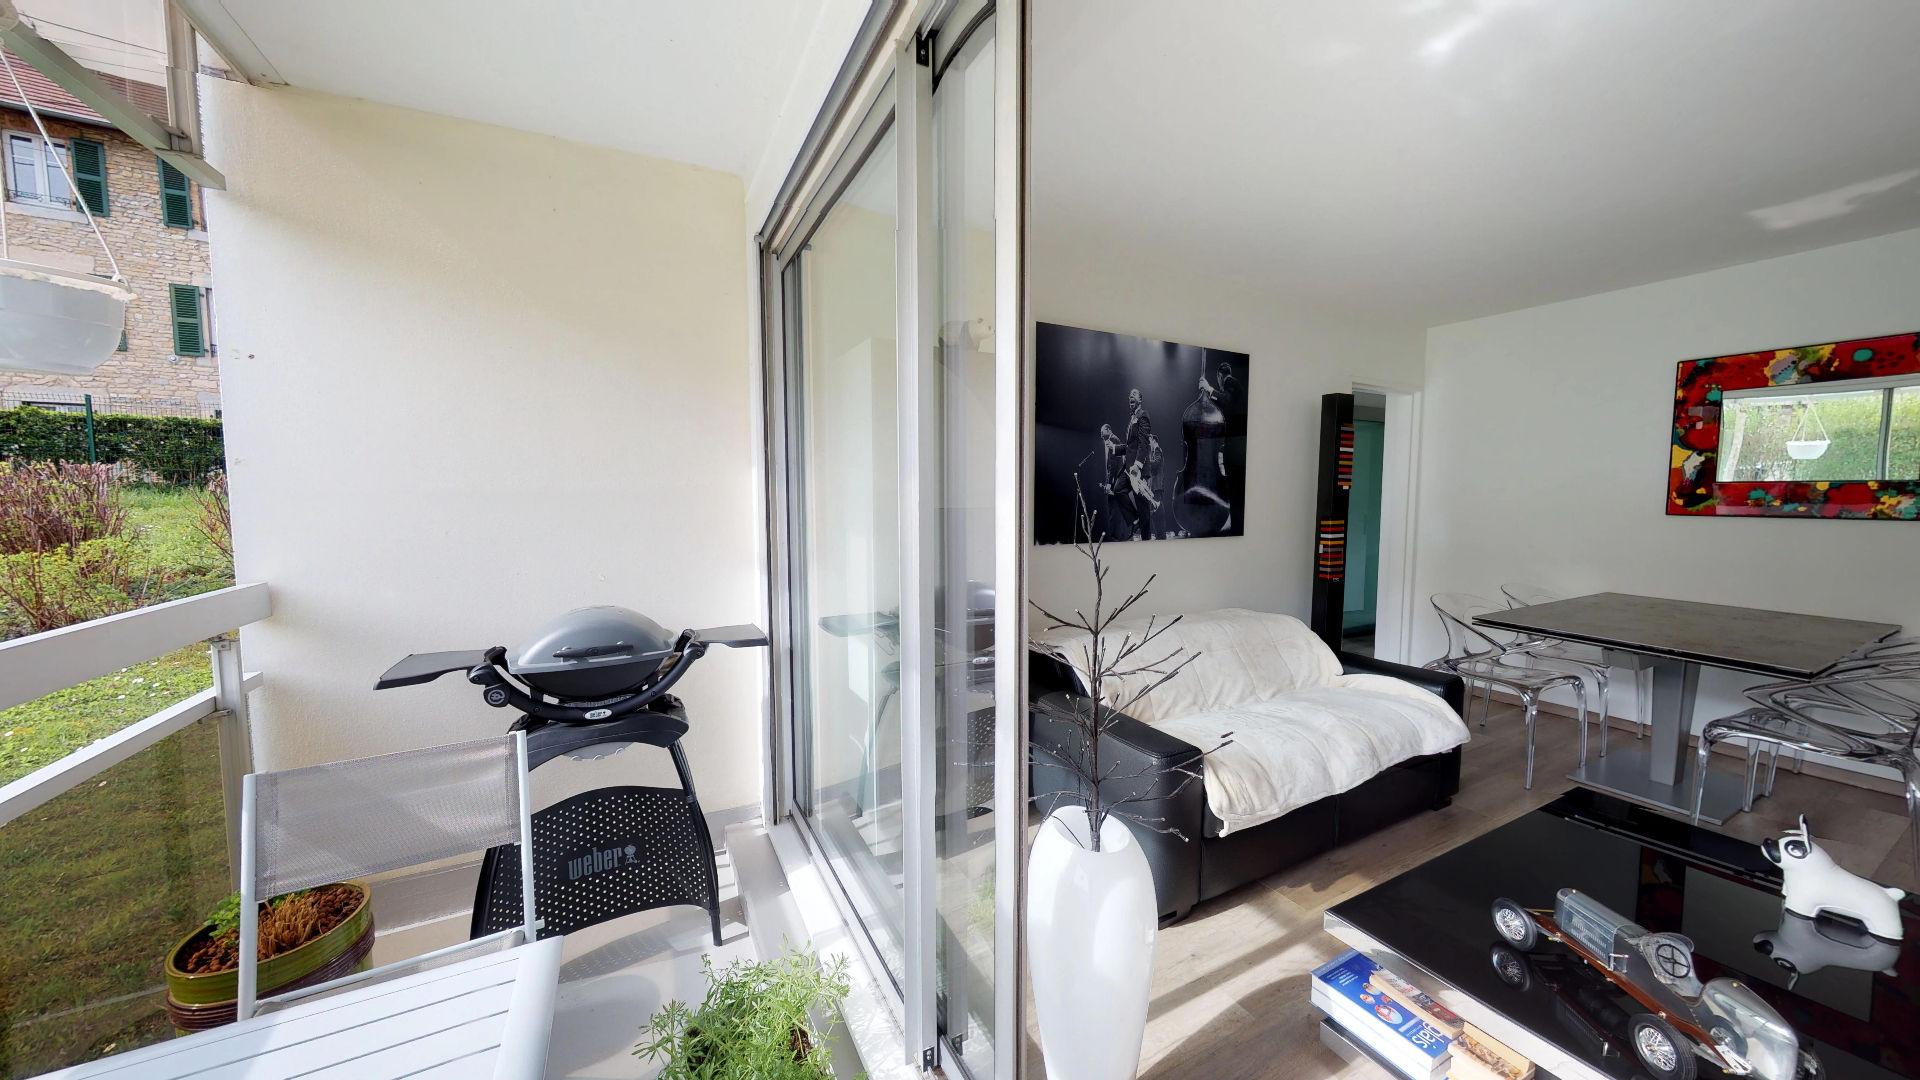 appartement 65m²  BESANCON  - photo 1